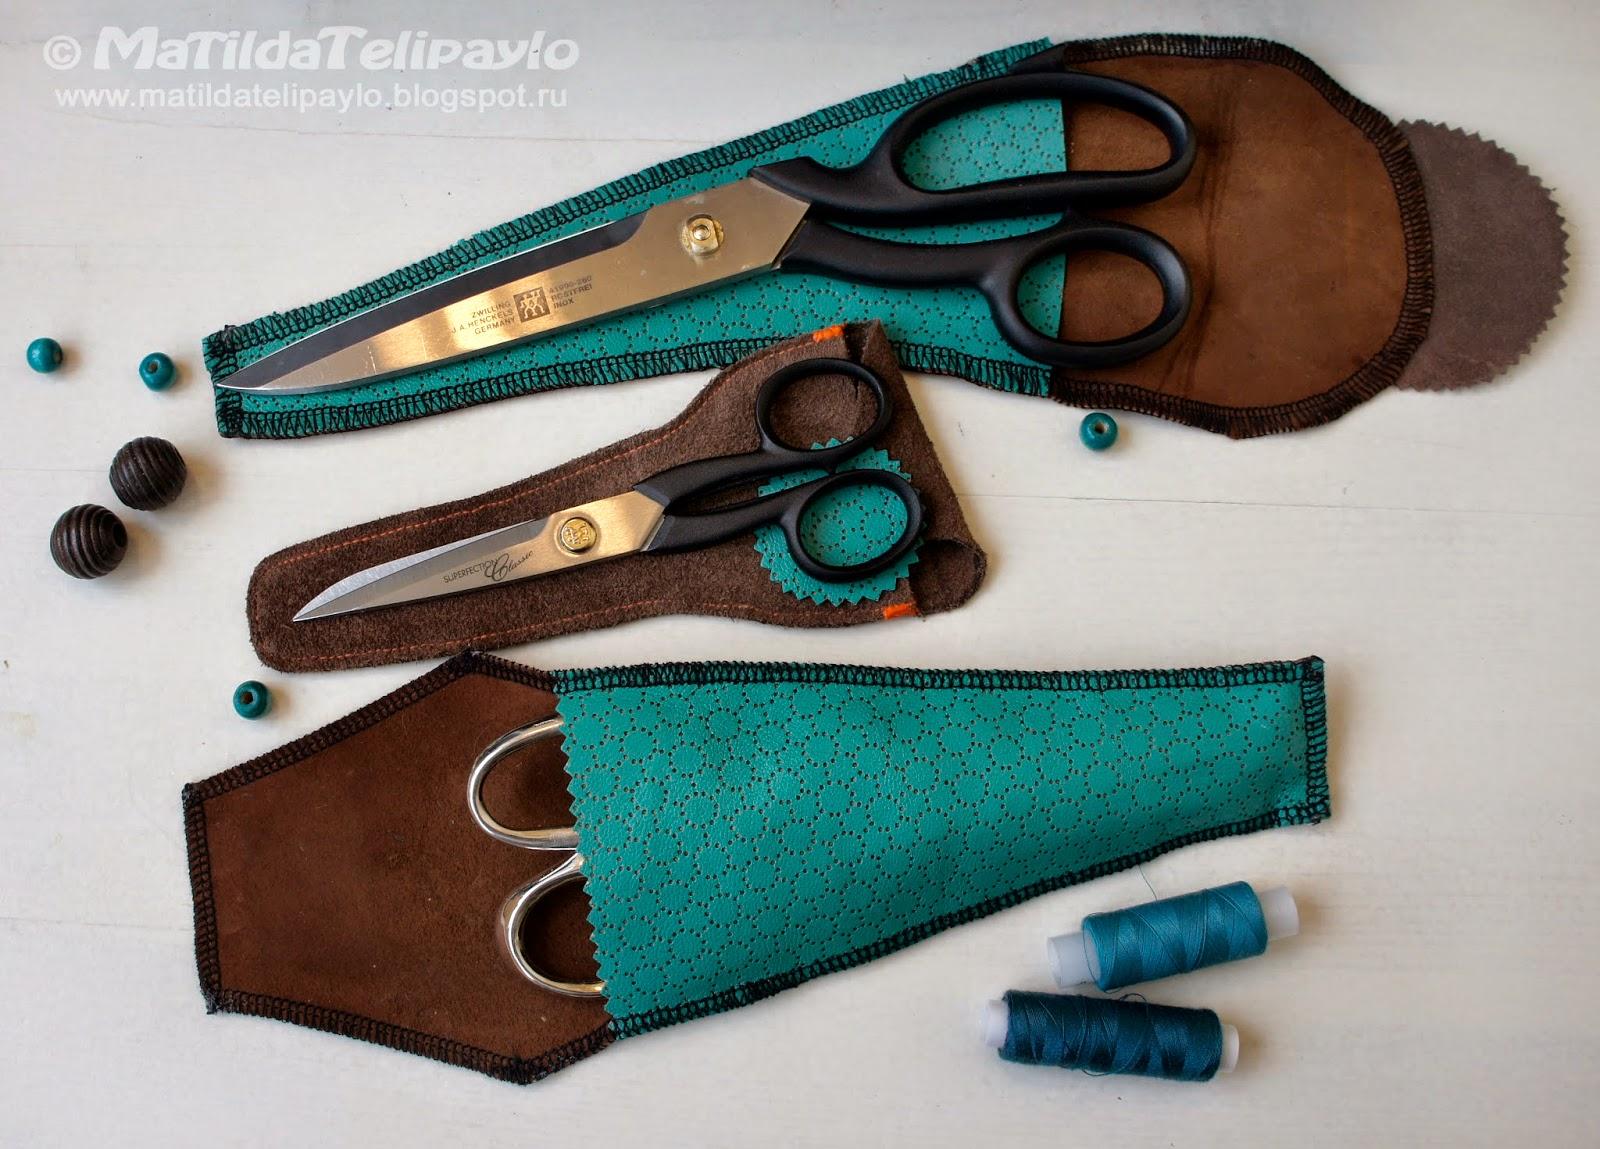 Как сделать чехол для ножниц 511